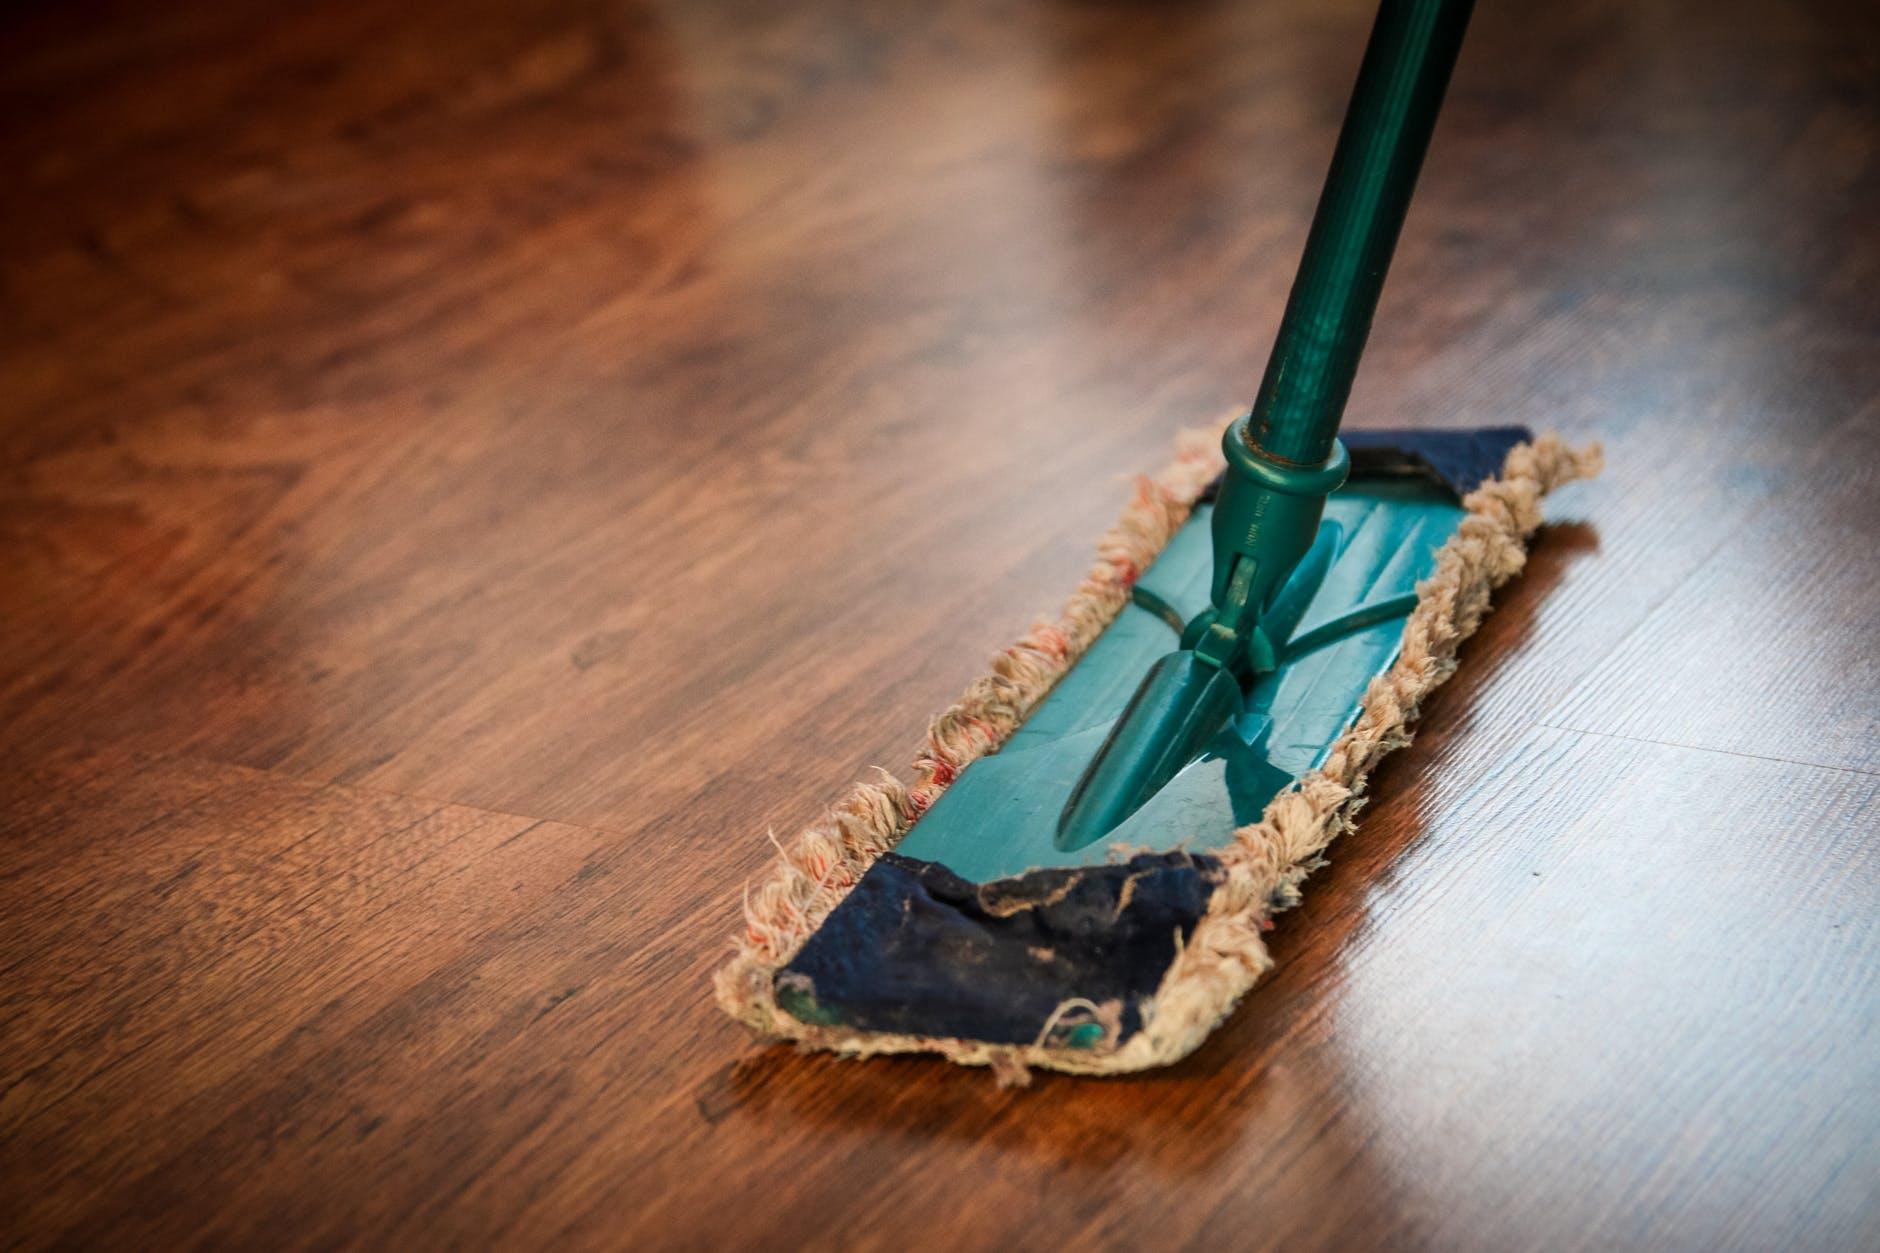 cleaningwashingcleanuptheilo48889